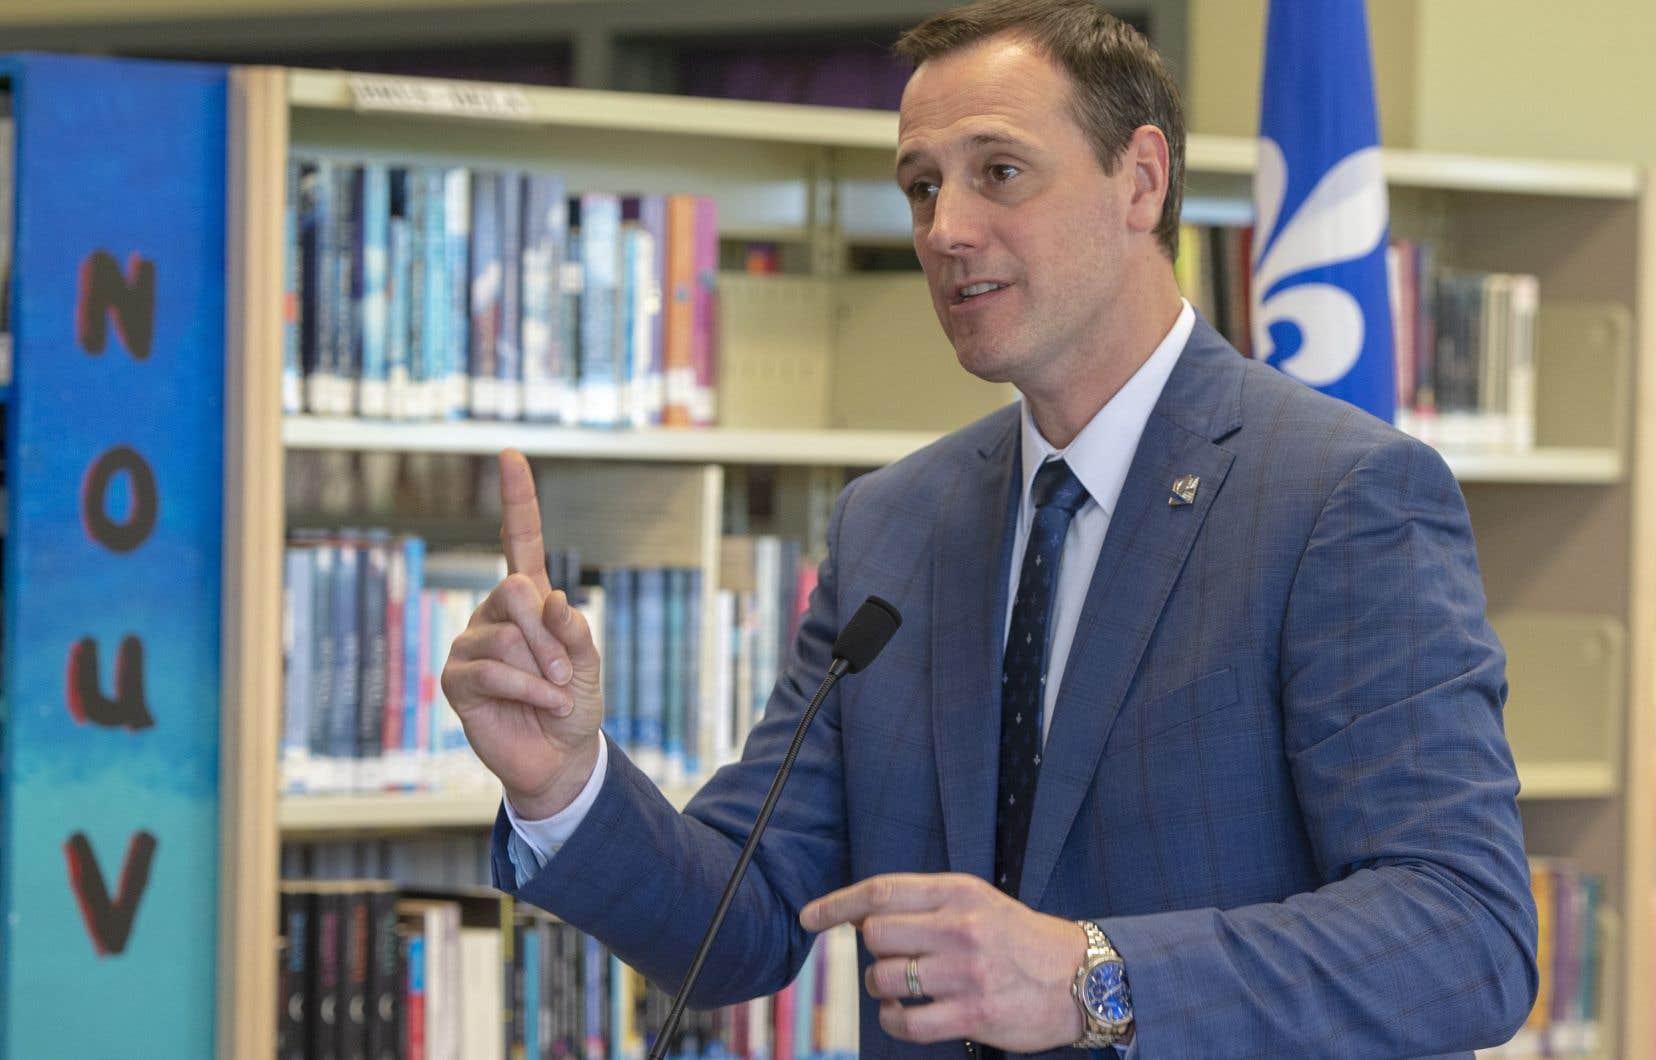 Selon le ministre de l'Éducation Jean-François Roberge, plus de 40 000 enfants figurent sur des listes d'attente pour une place en CPE.